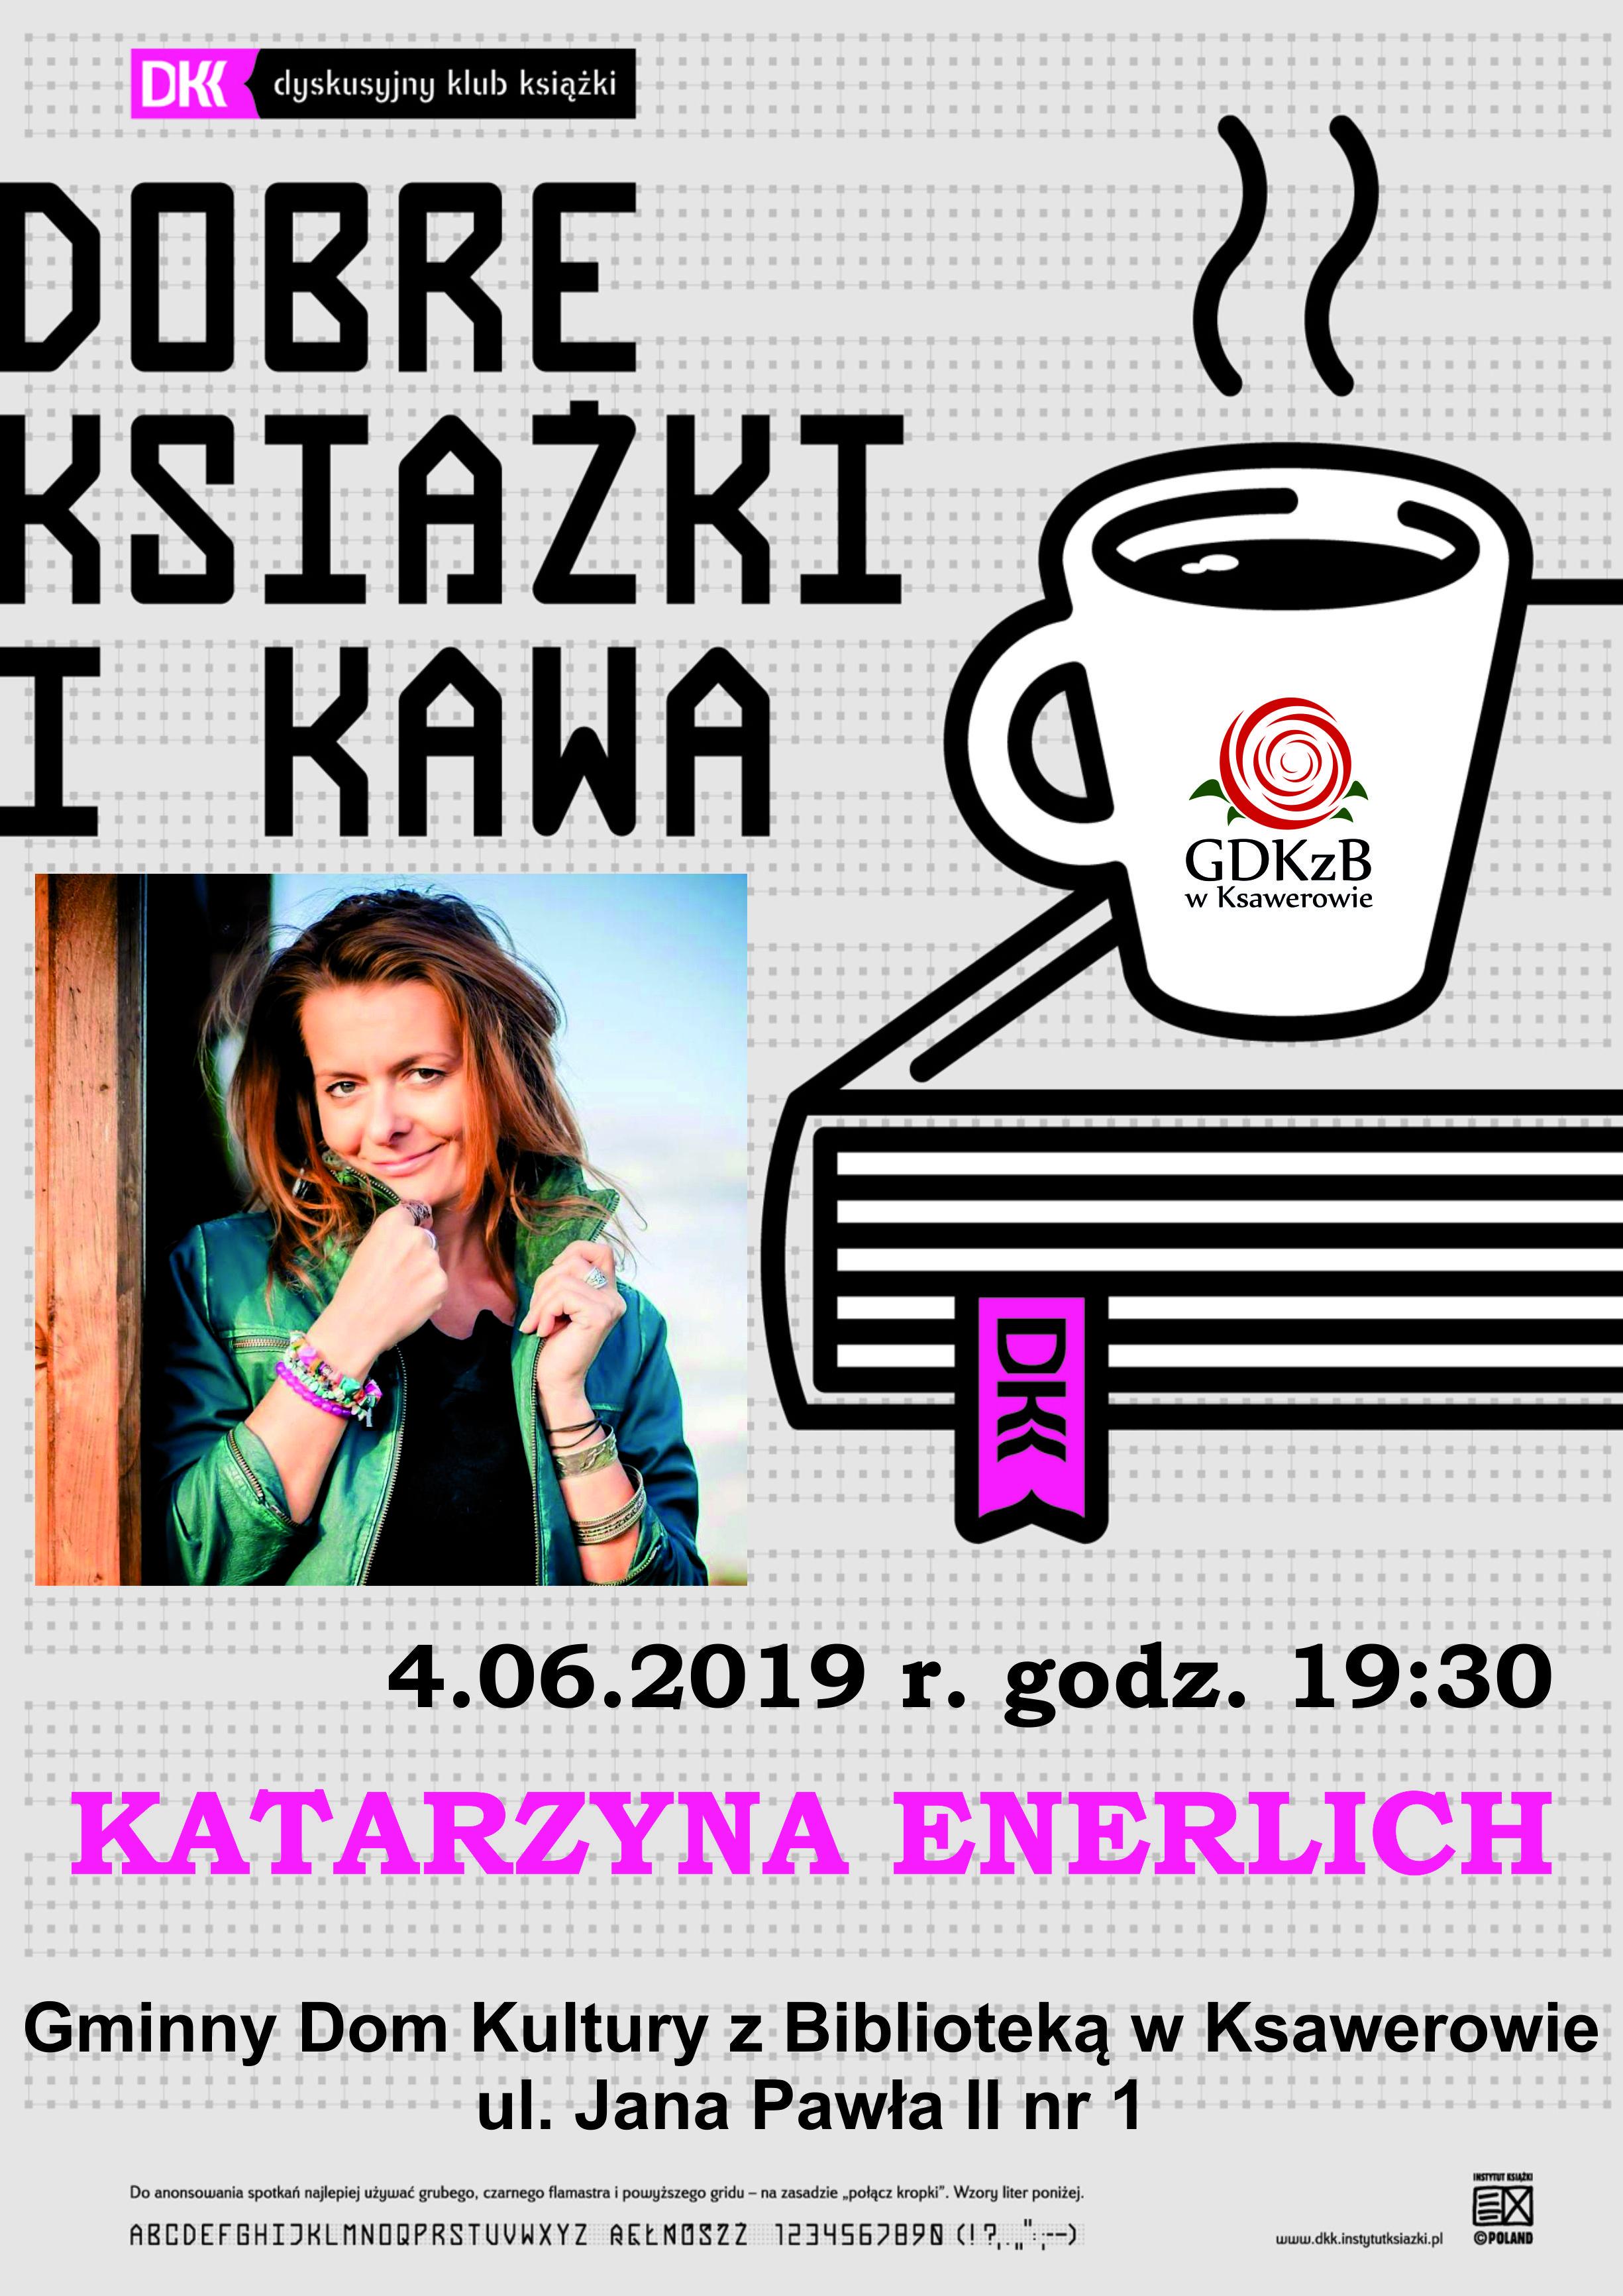 Katarzyna Enerlich - zaproszenie